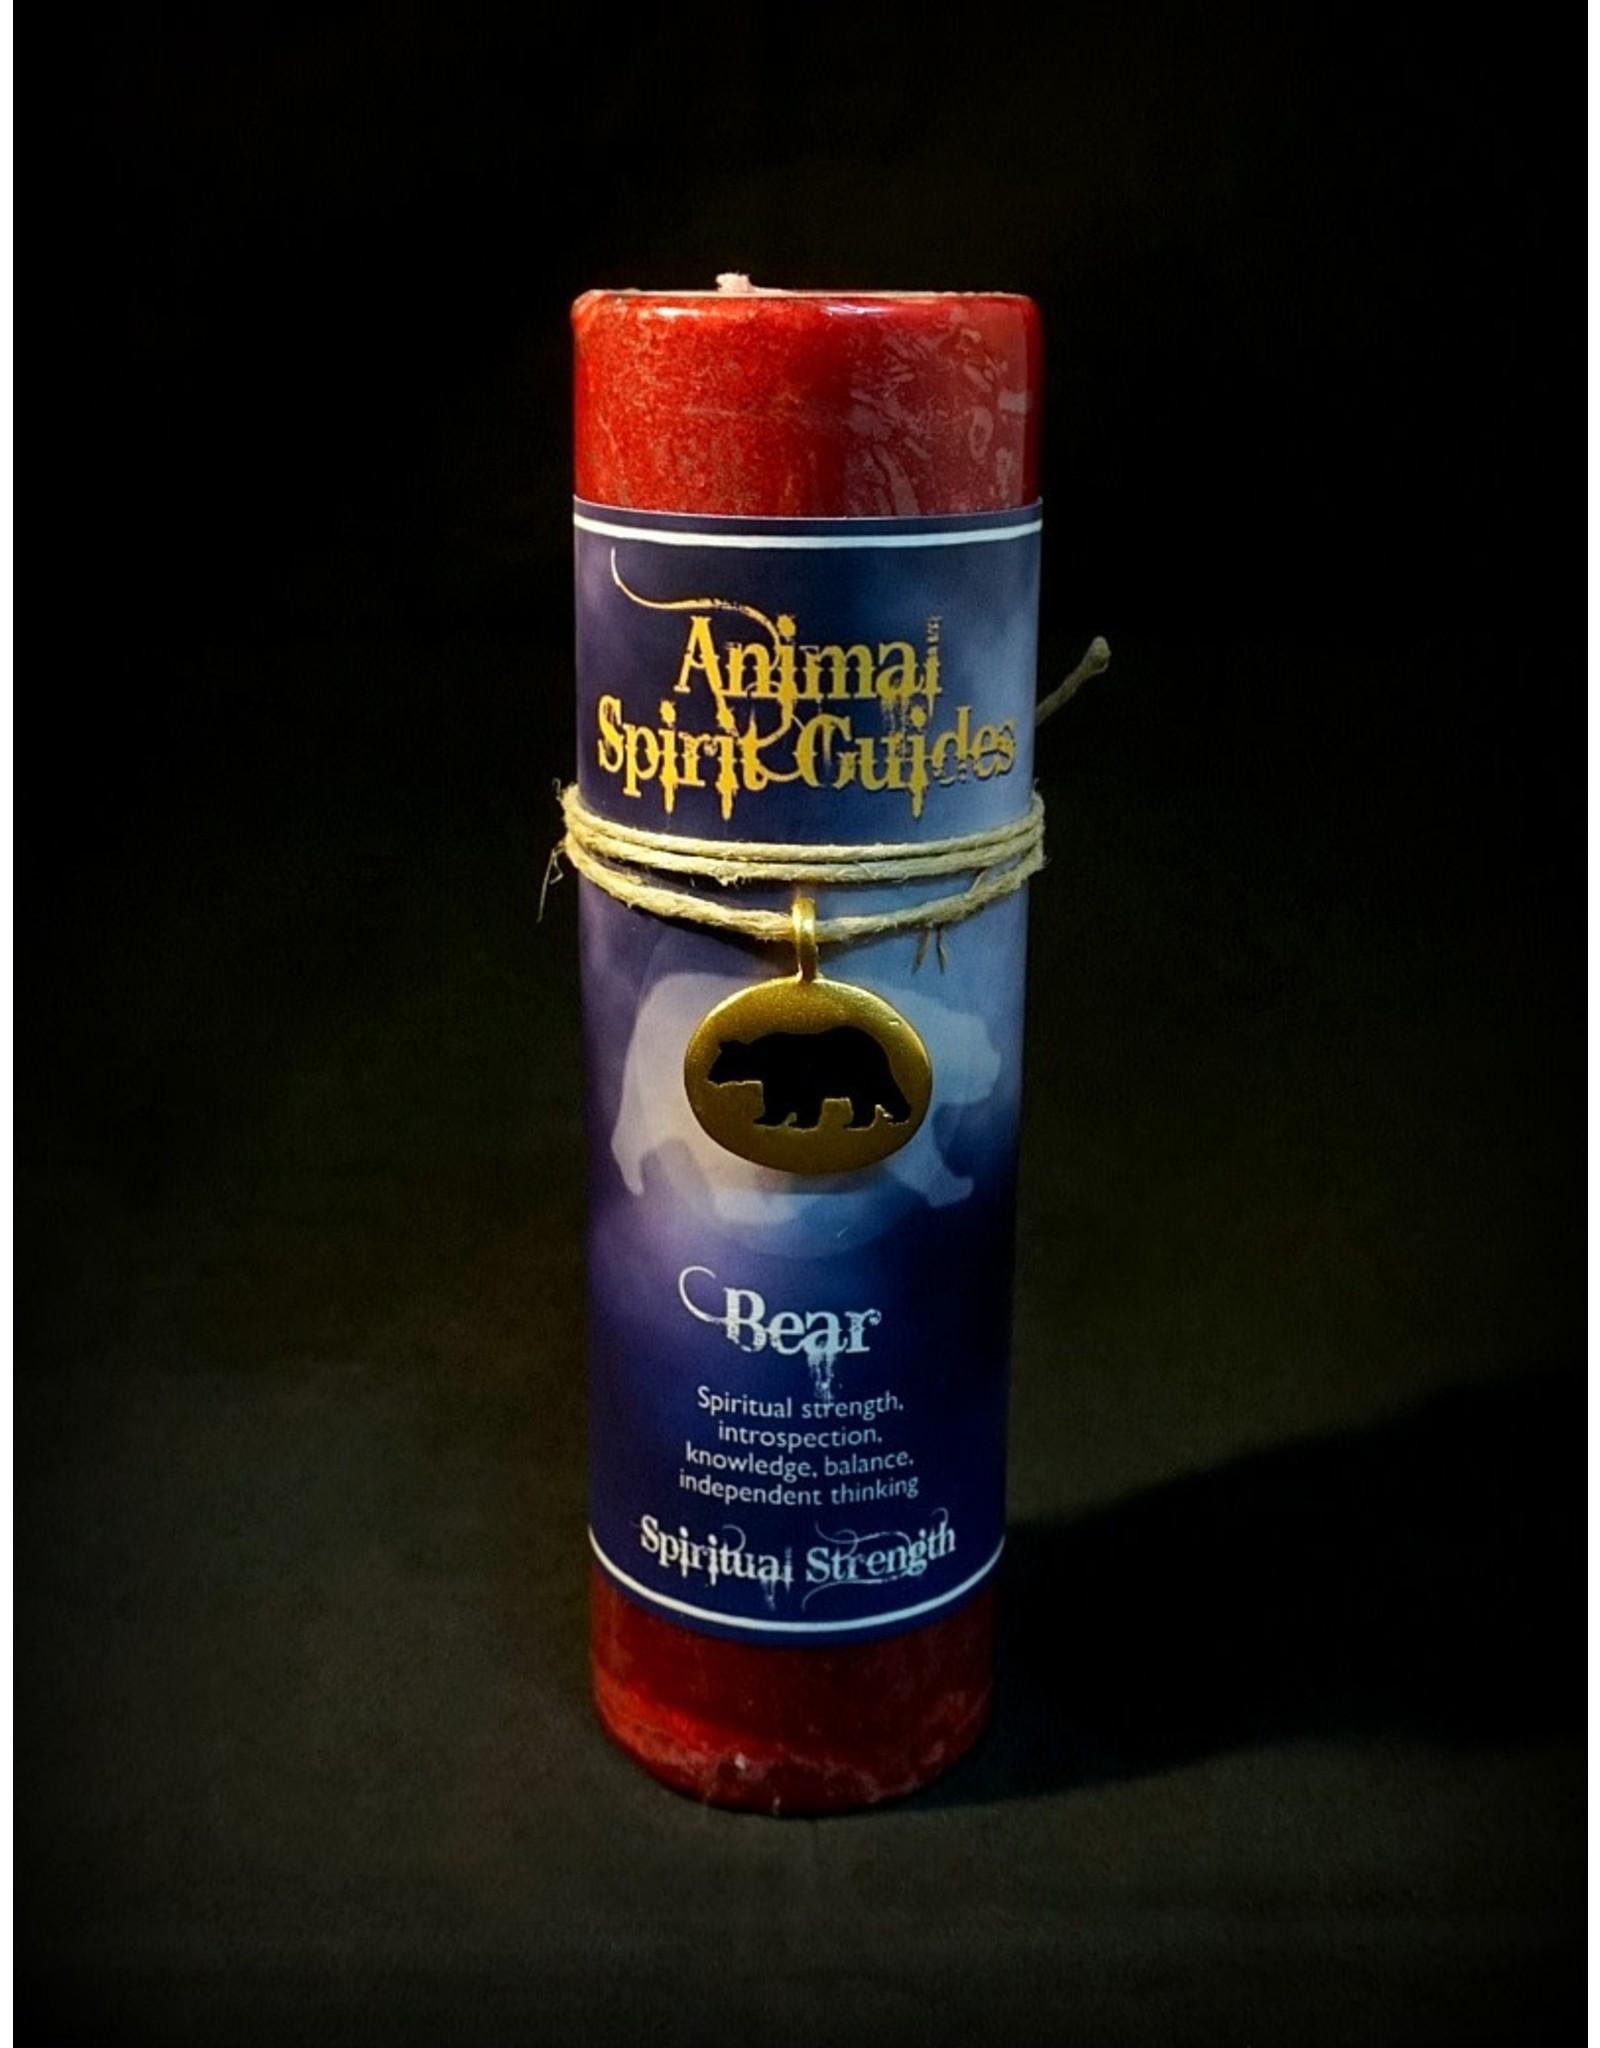 Animal Spirit Guide Pewter Pendant Candle - Bear Gold